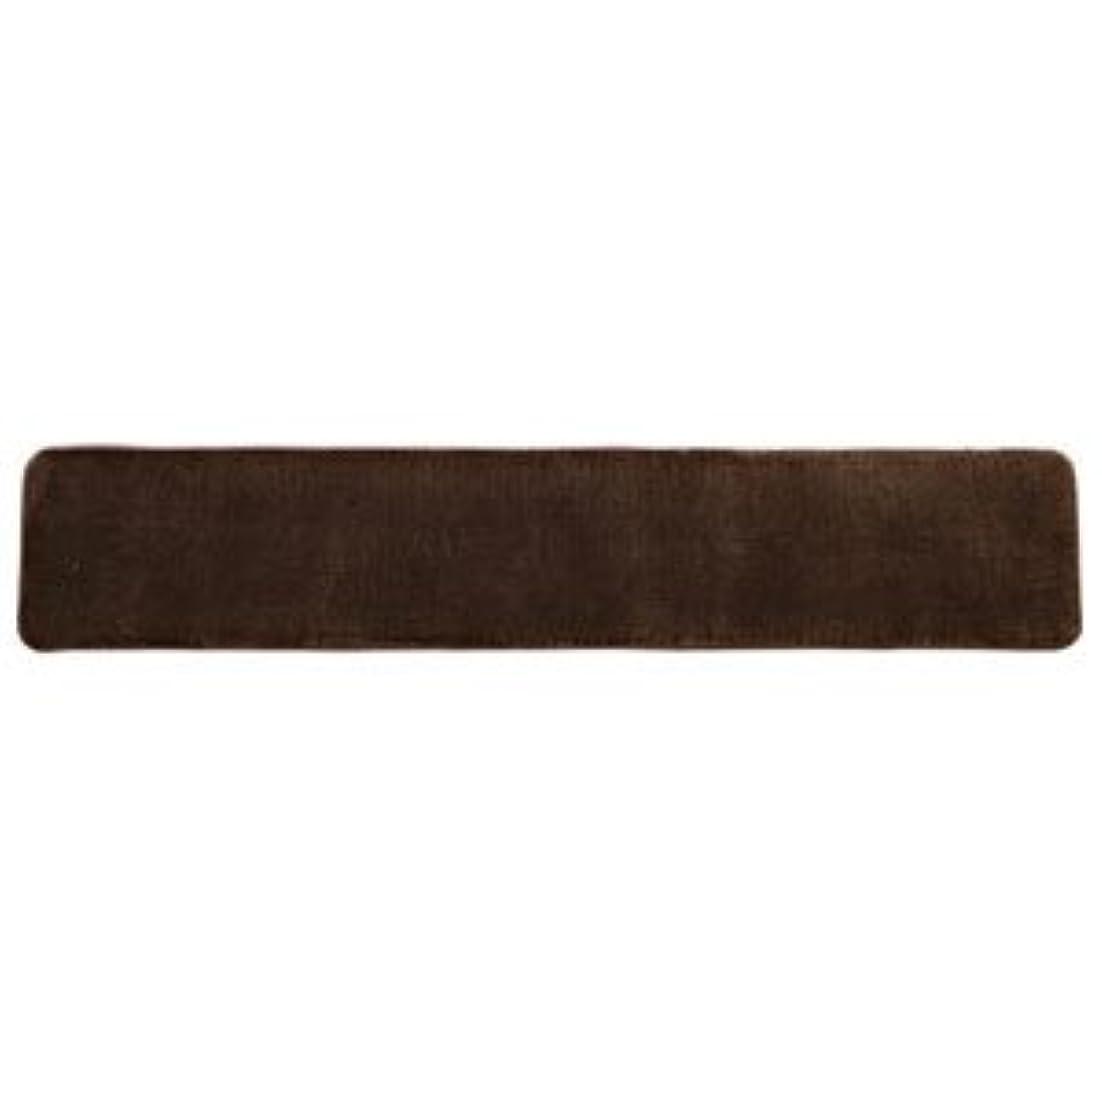 フラフープボクシング預言者アイリスオーヤマ ラ?クッション フリーマット (45×240cm)ブラウンIRIS MCMK-4524(BR)